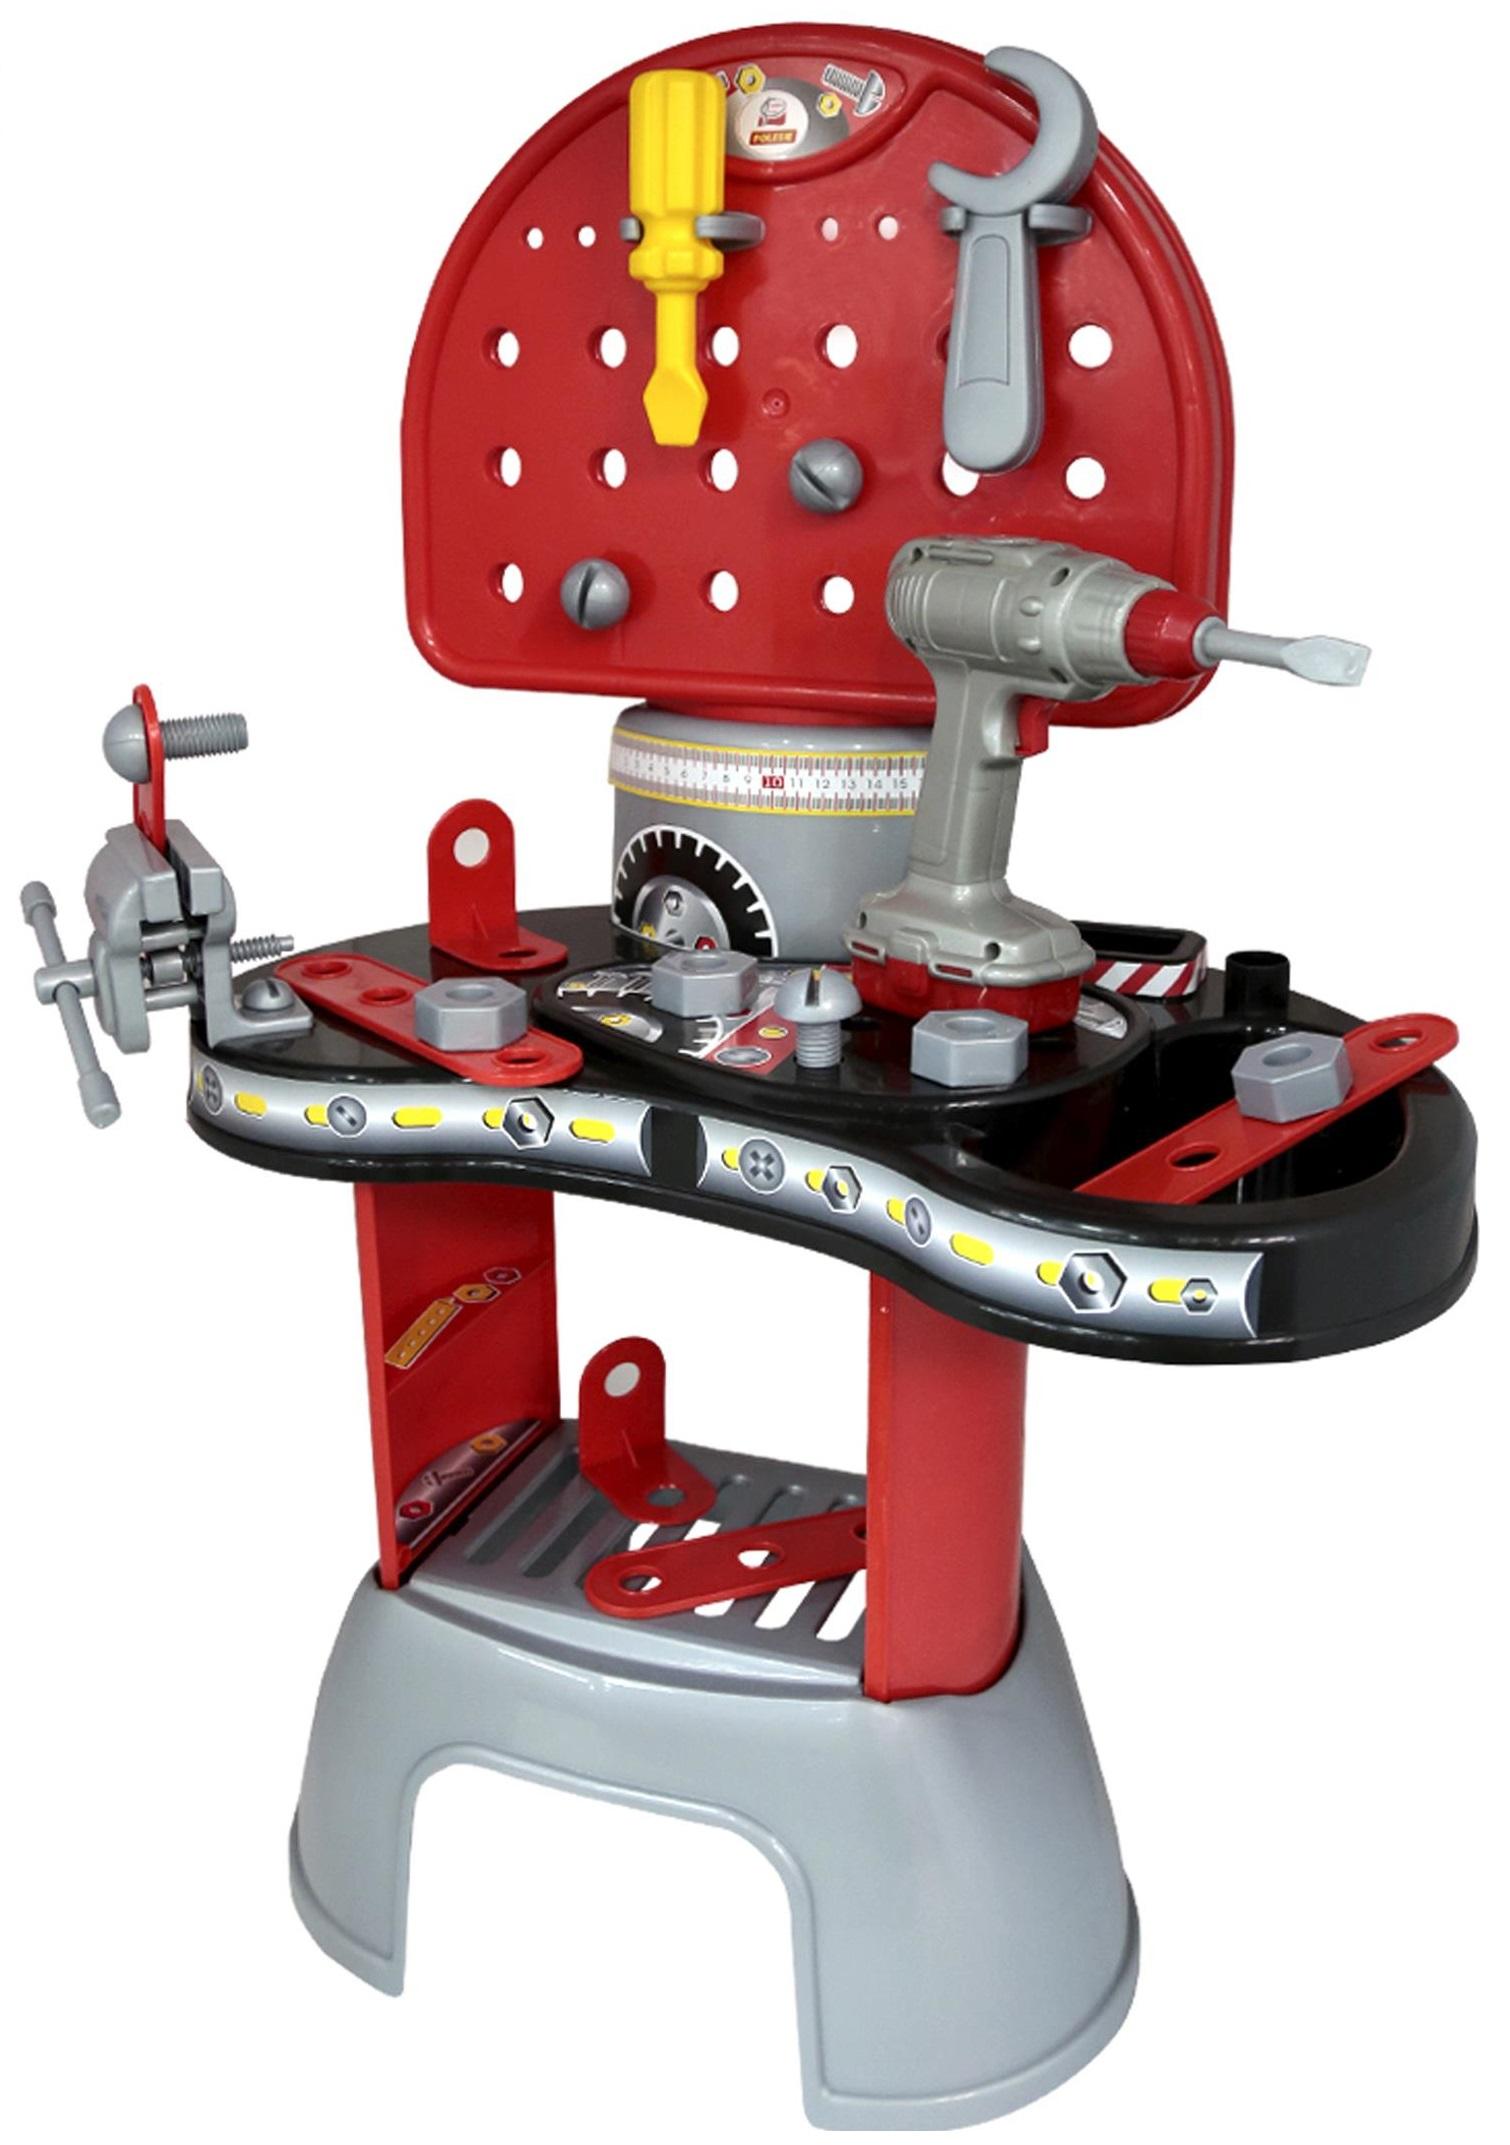 Набор Механик-макси, высота 75 см.Детские мастерские, инструменты<br>Набор Механик-макси, высота 75 см.<br>